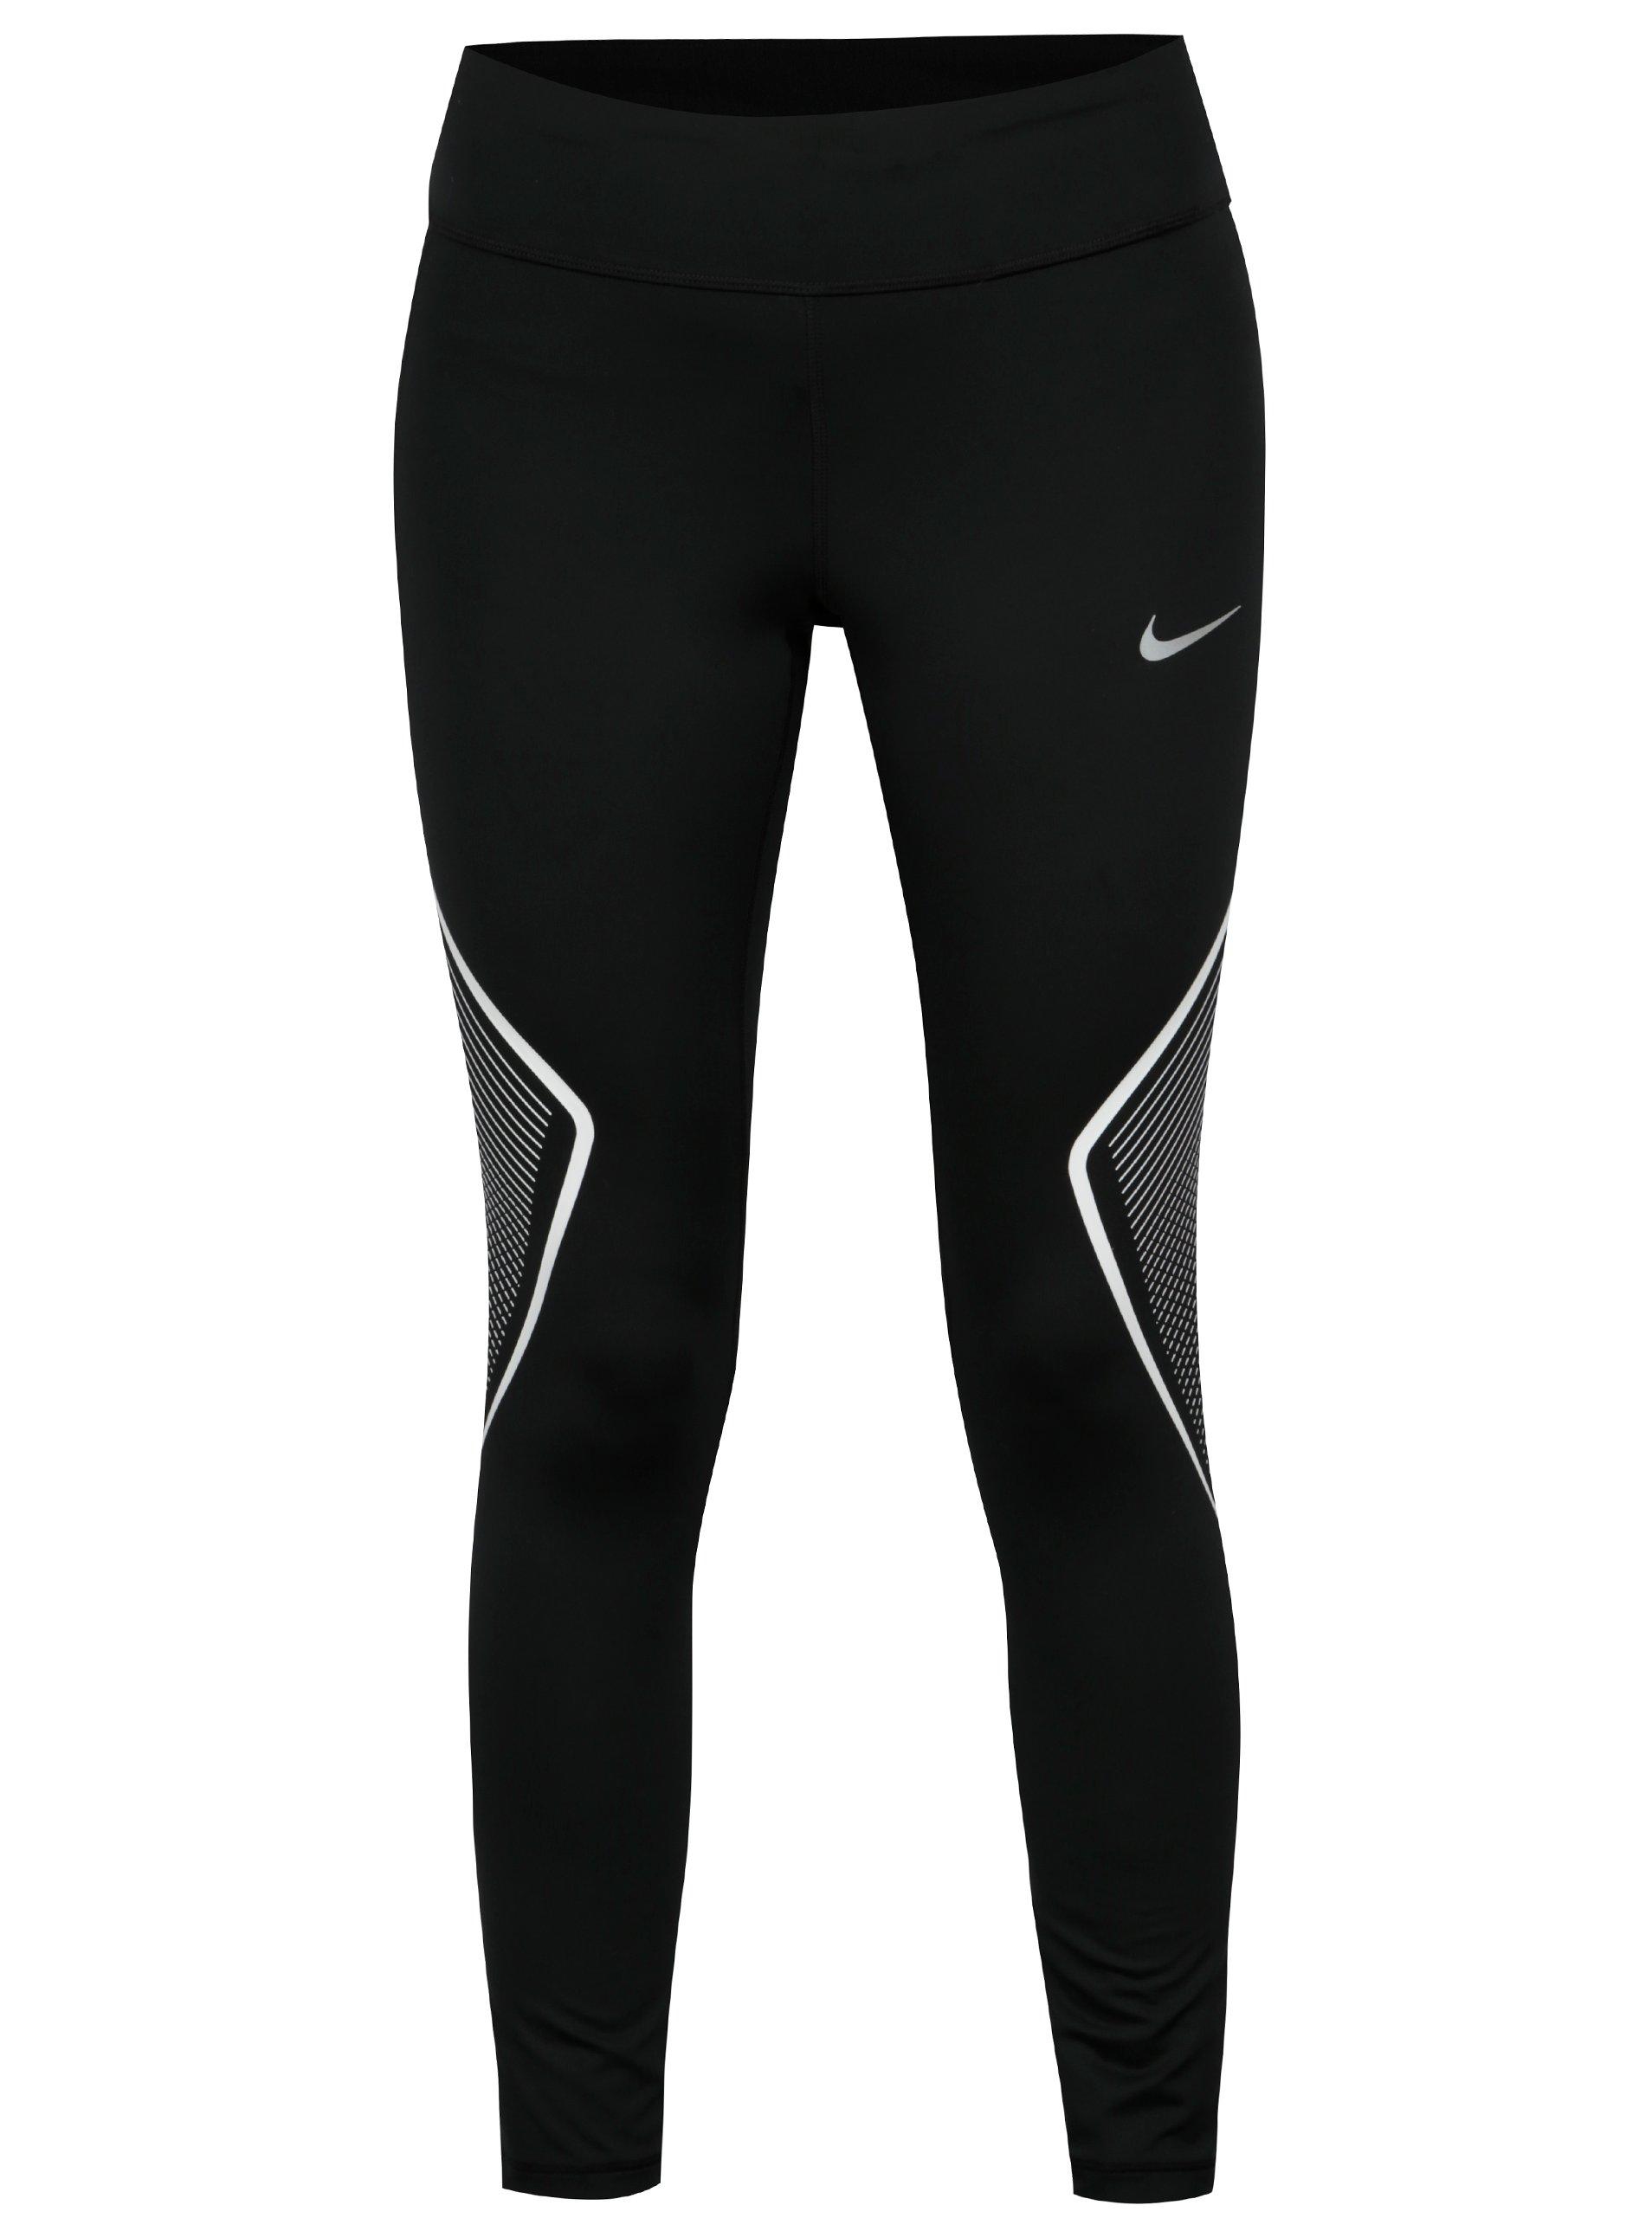 Čierne dámske skrátené funkčné legíny Nike Tght Fast Gx aca7c0a6fd1